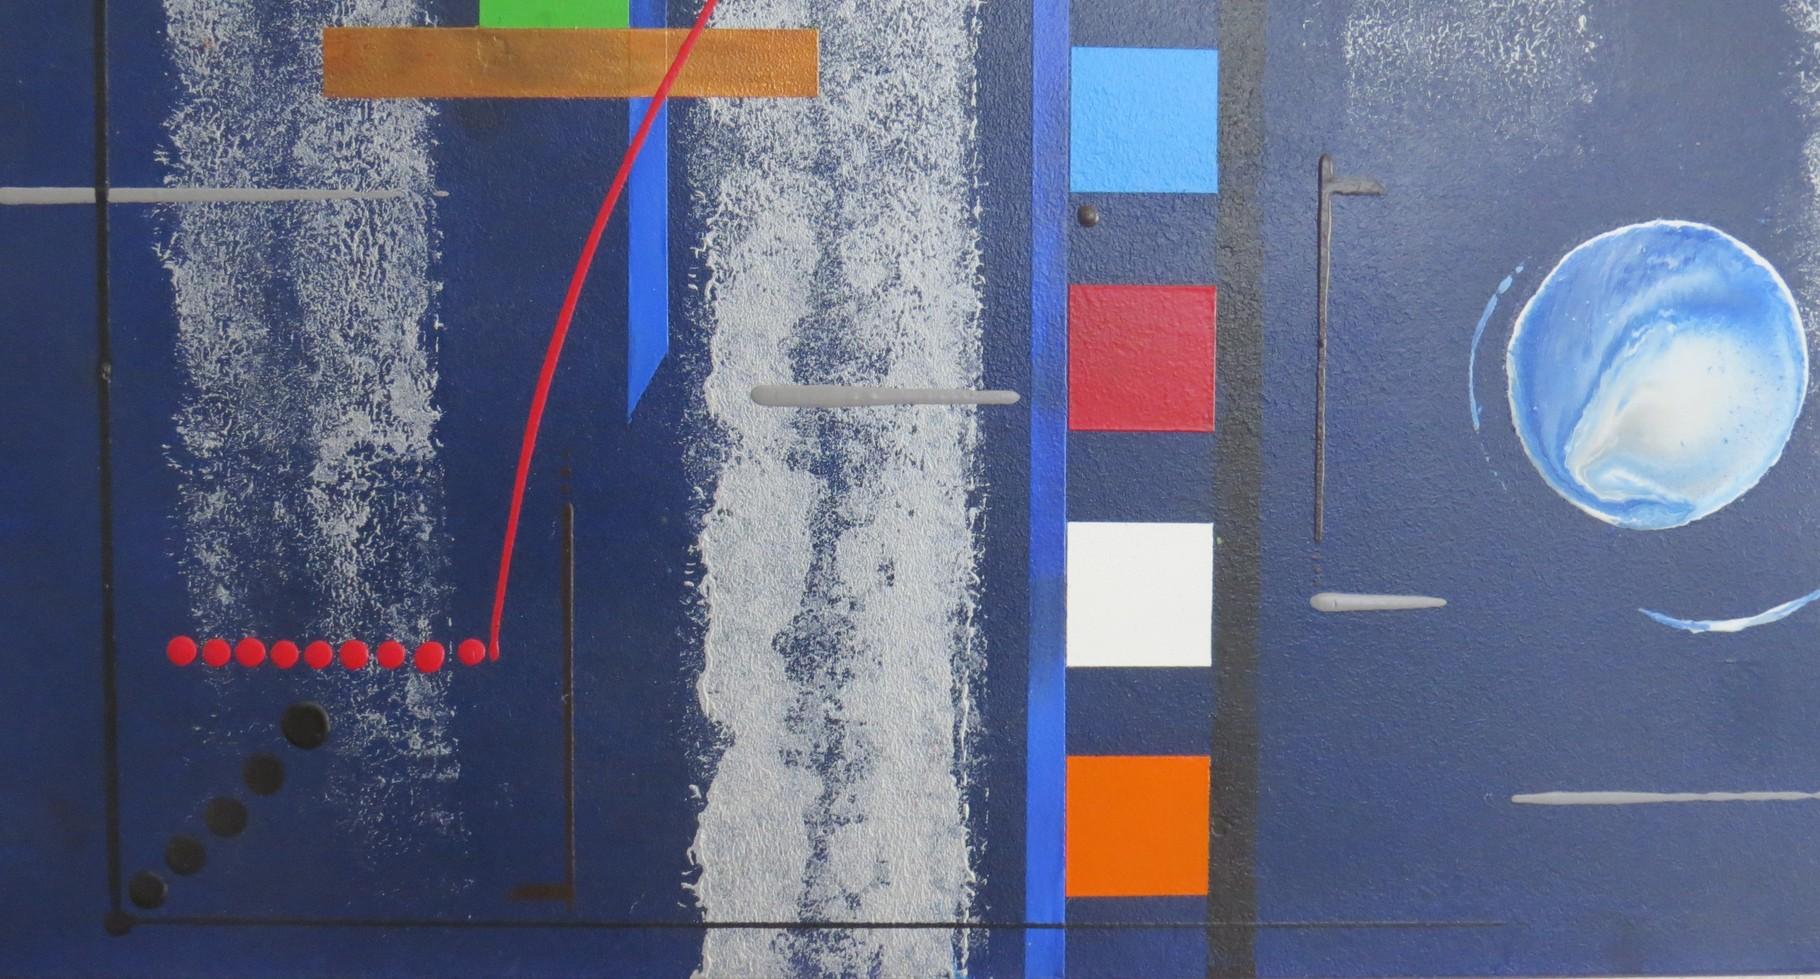 bleu d'argent vue zoom4 - daluz galego tableau abstrait abstraction